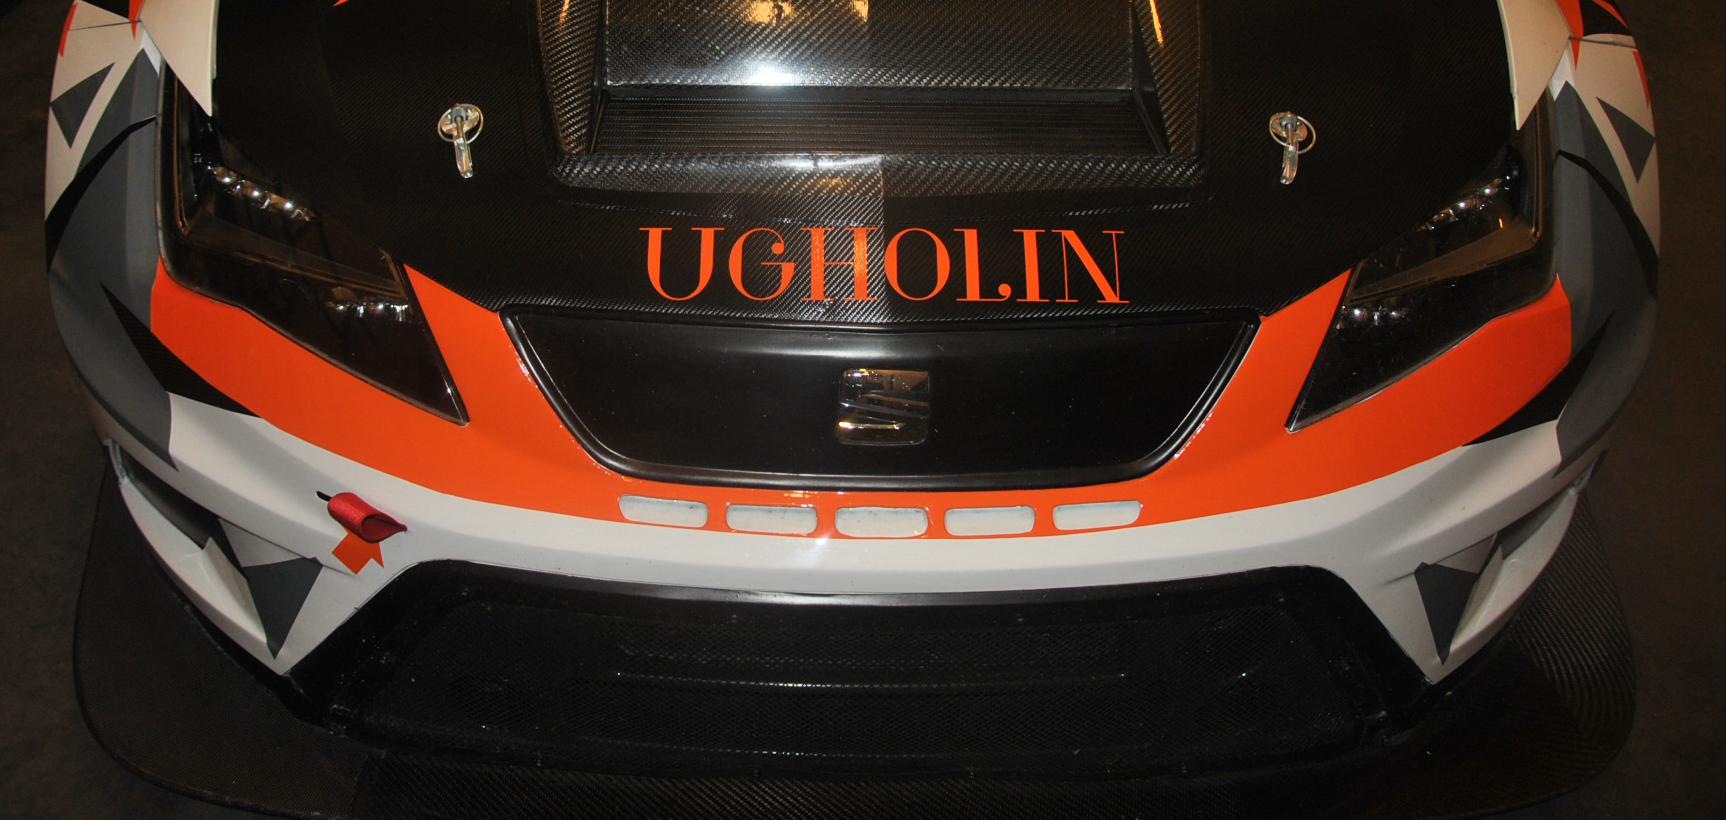 La Seat Leon Cup Racer aux couleurs de Ugholin mode homme